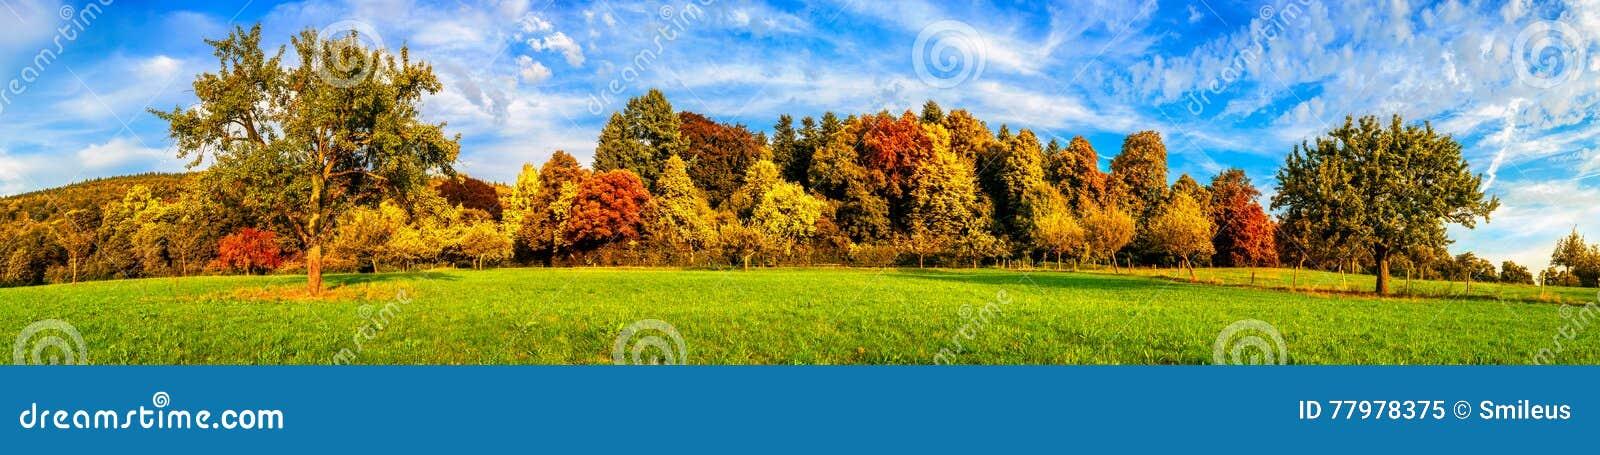 Pré et arbres colorés en automne